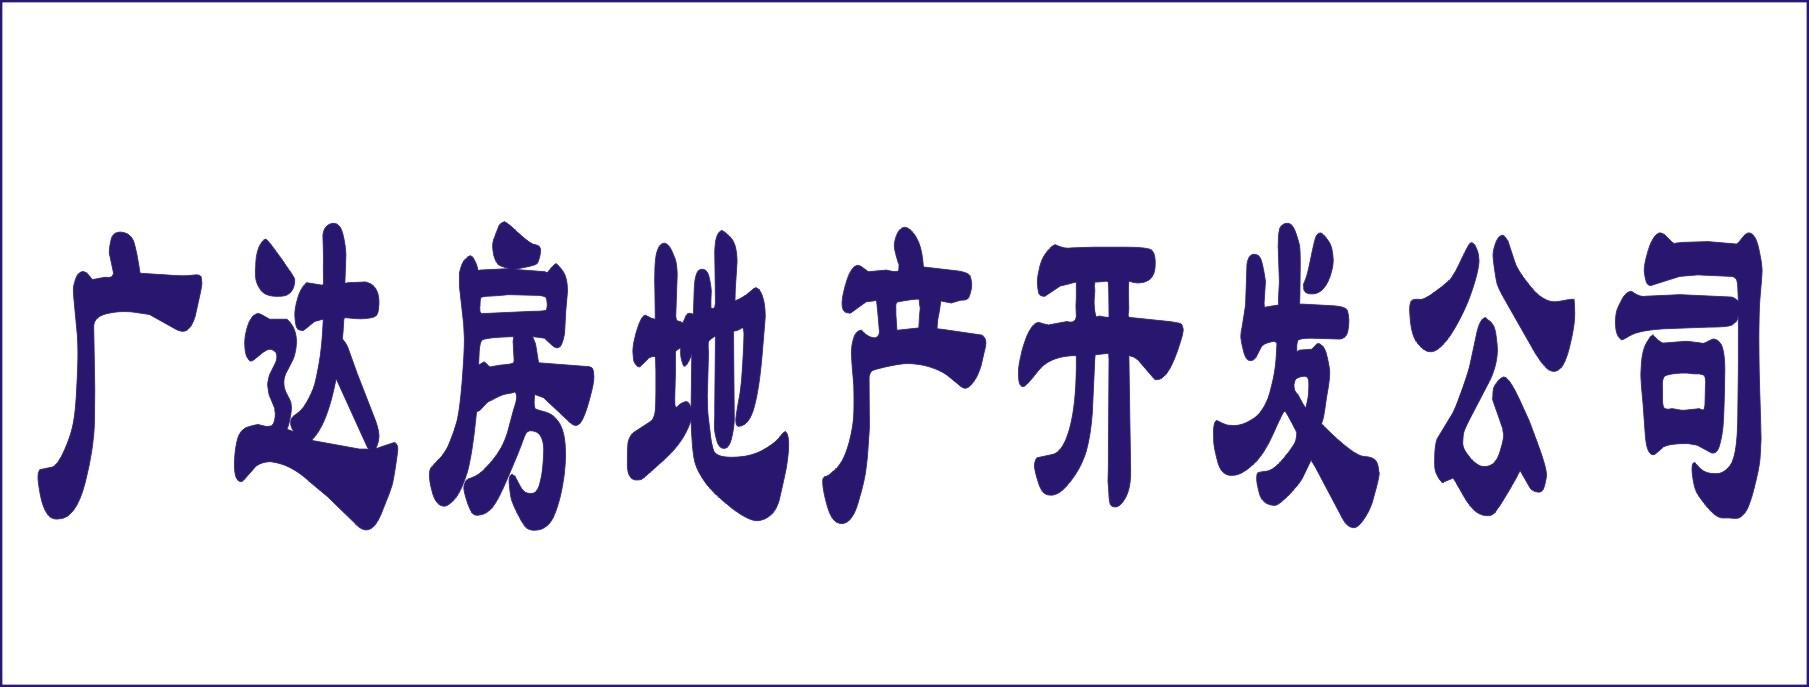 邵阳市广达房地产开发有限公司-长株潭人才网